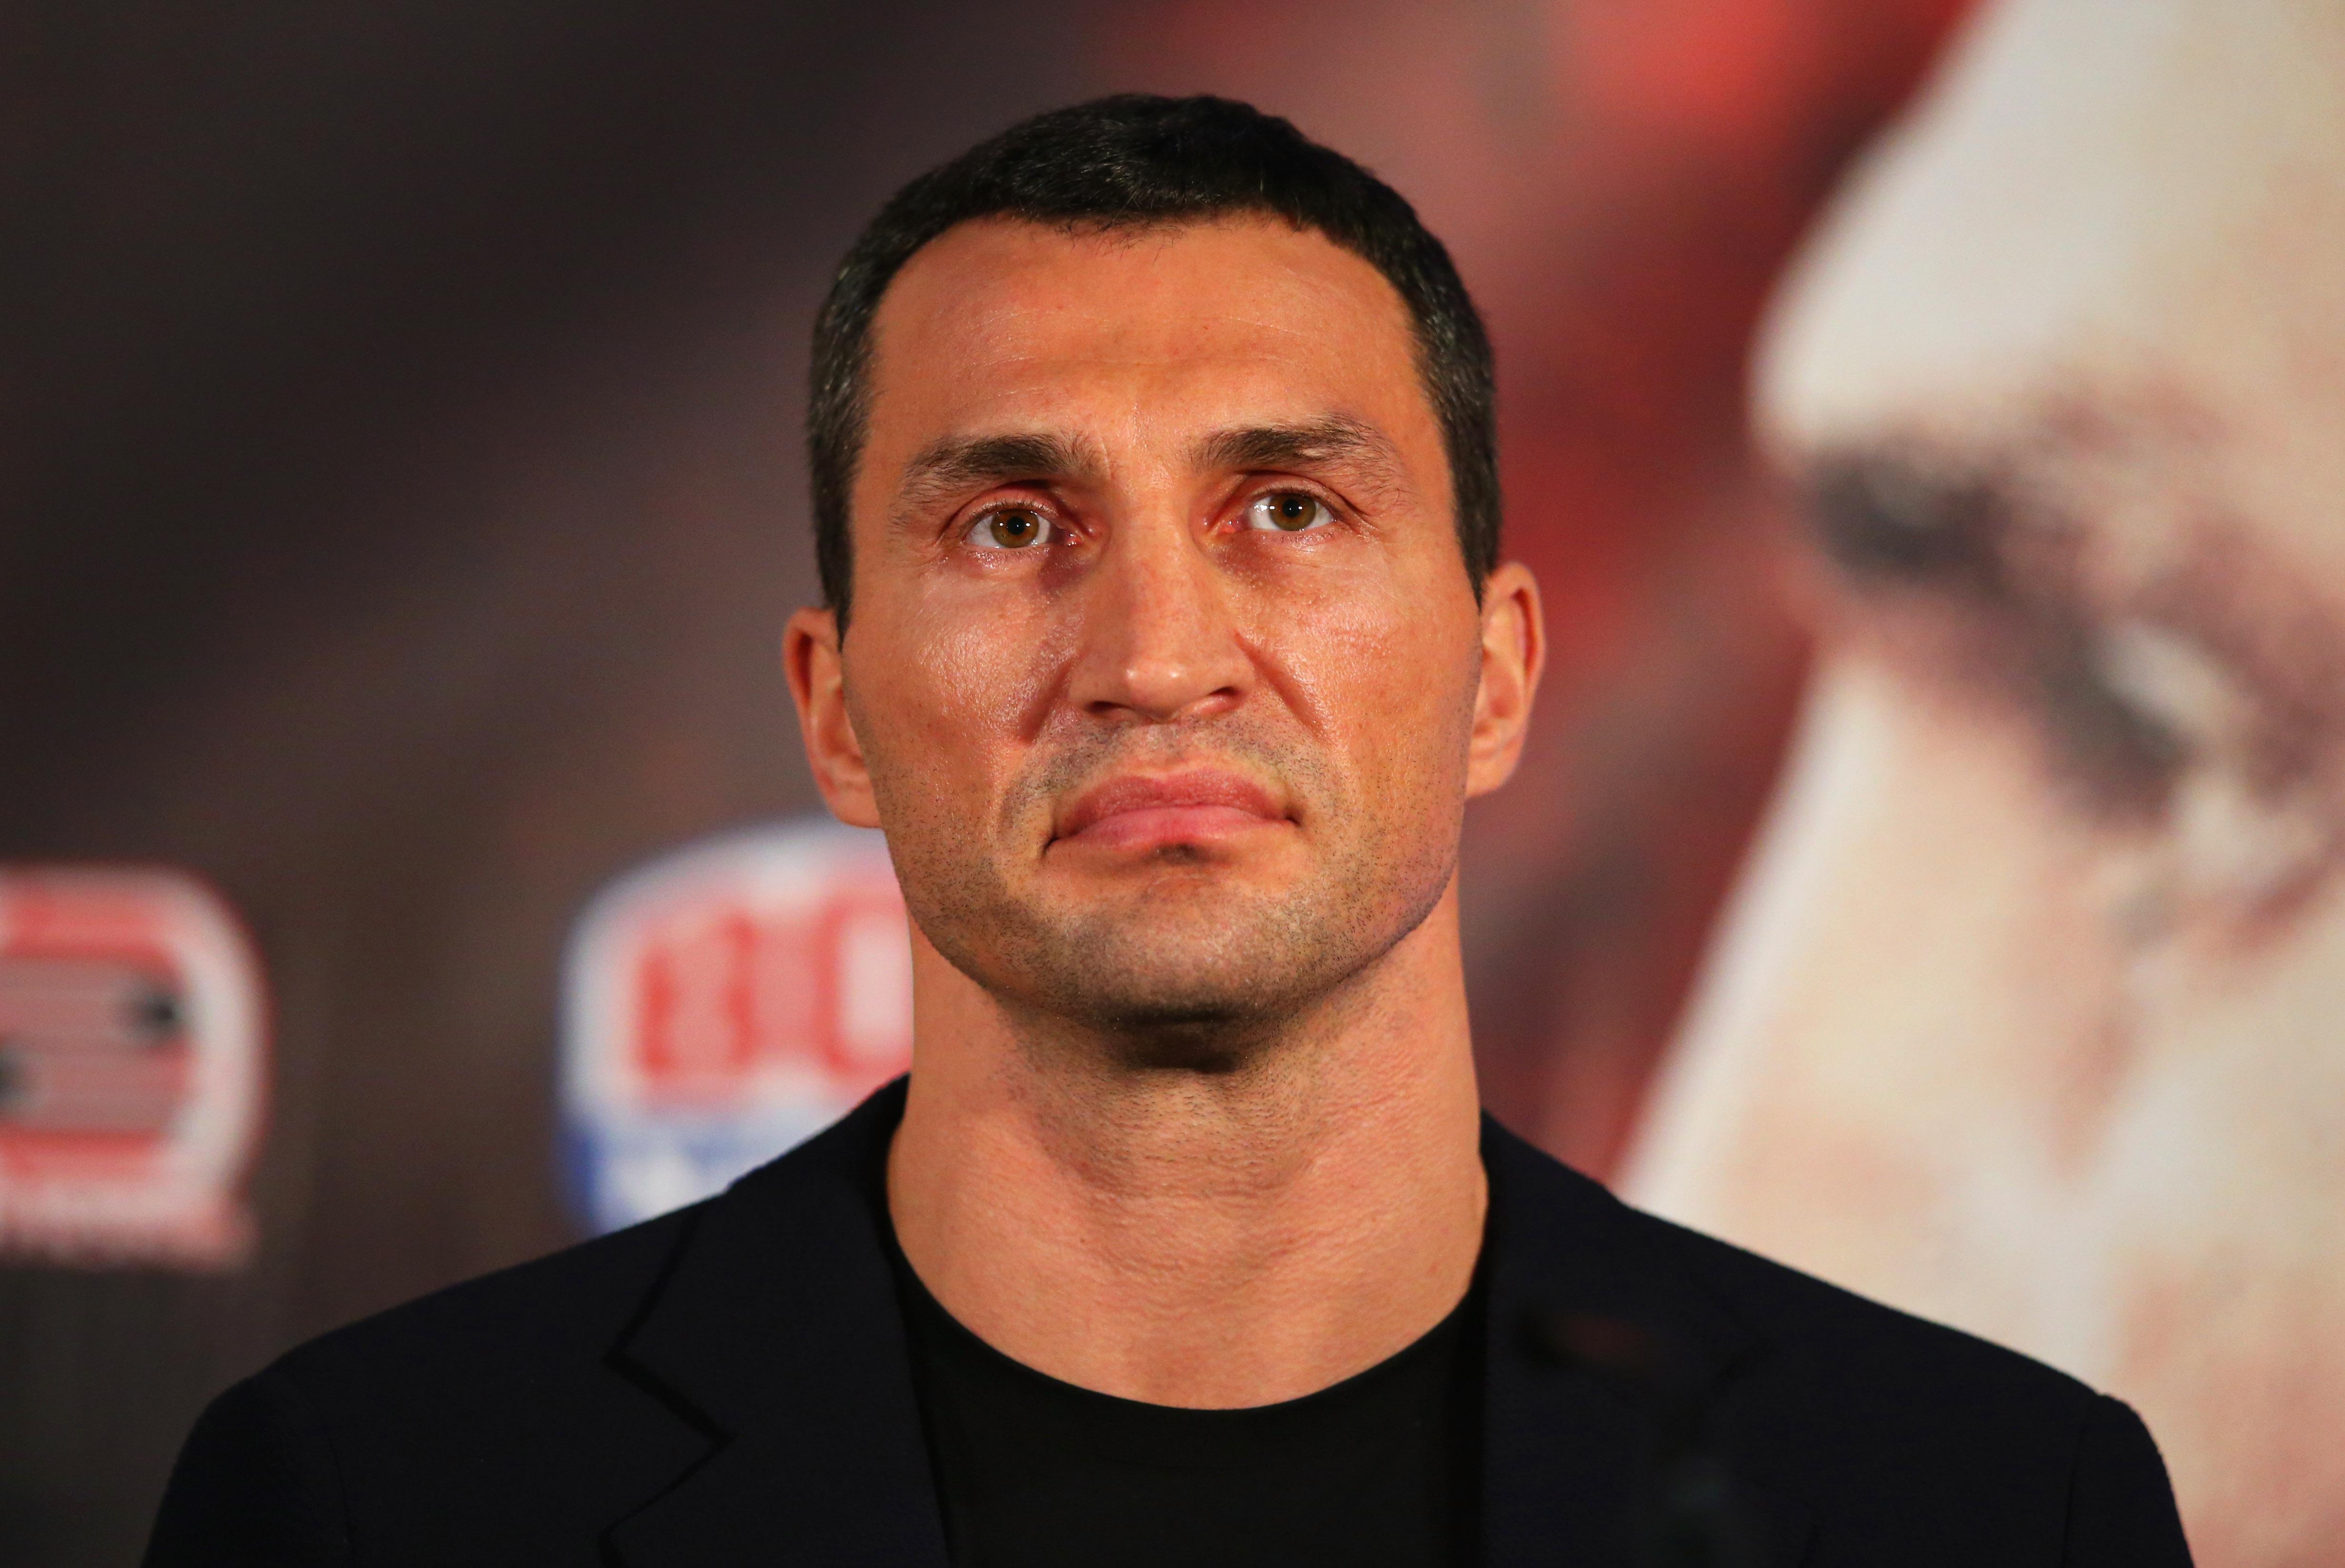 Pictures Of Wladimir Klitschko